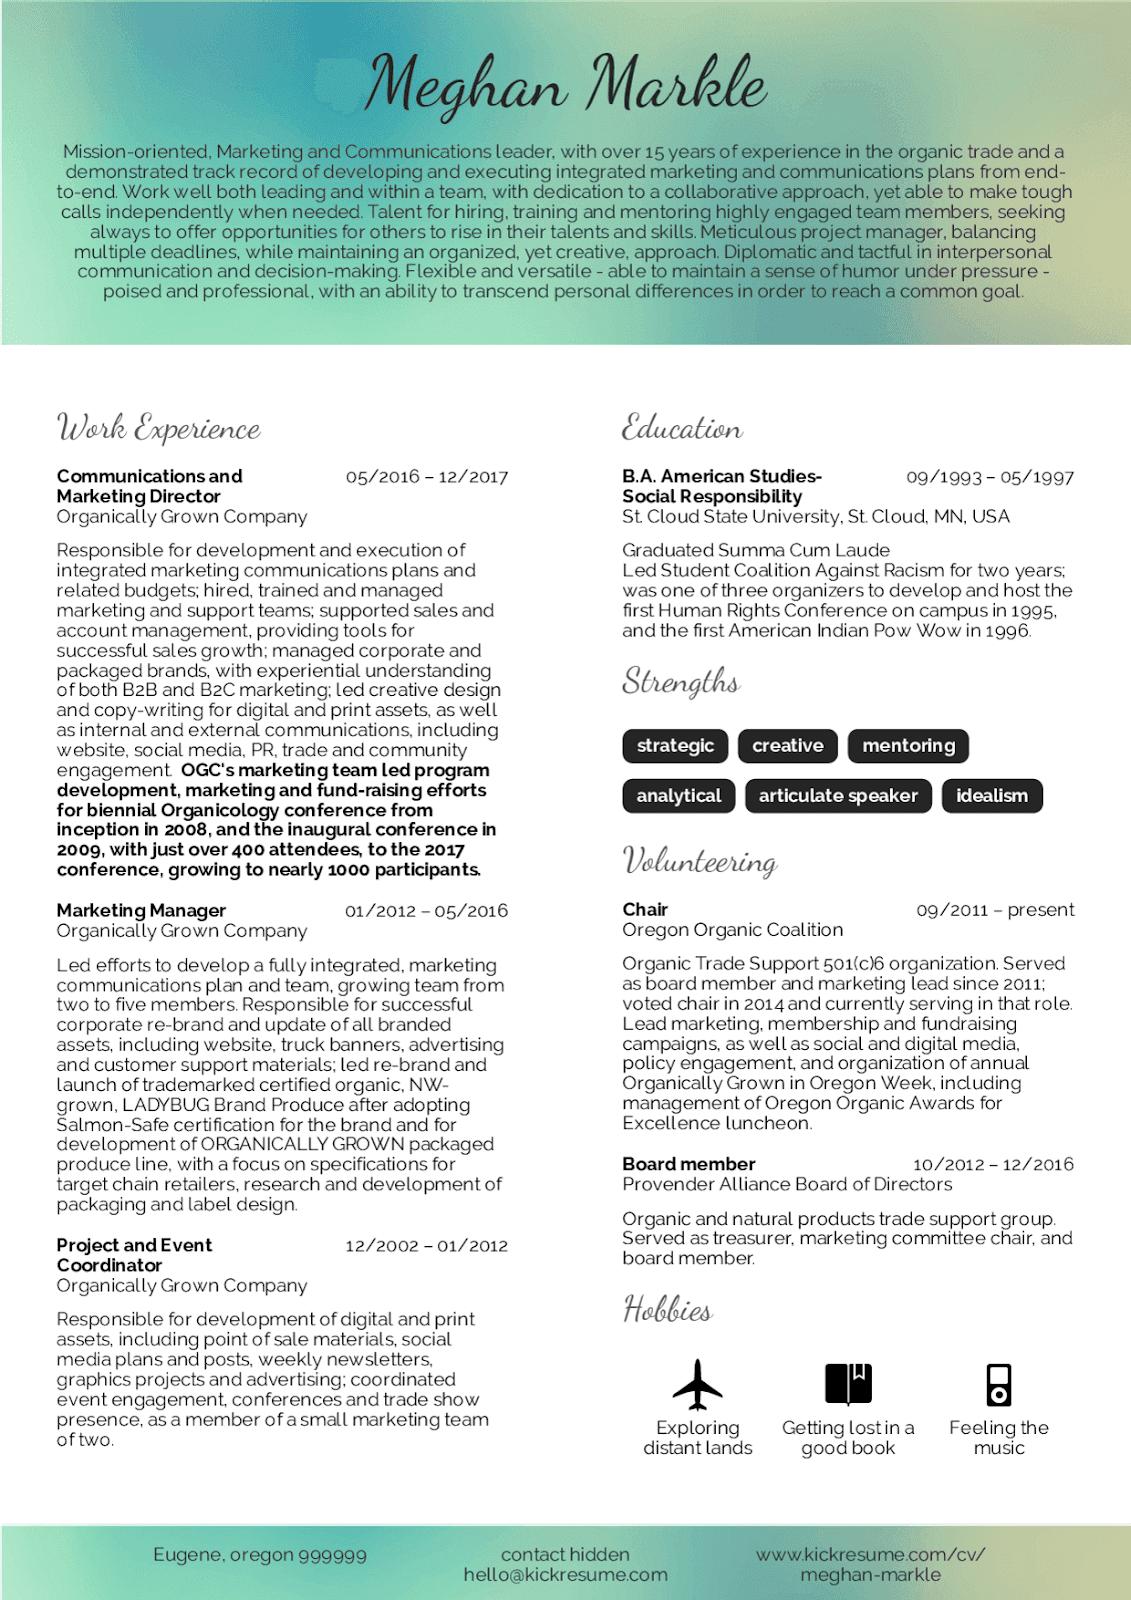 unique resume layouts unique resume format download 2019 unique resume templates download design resume format download unique resume templates free download resume design templates download 2020 resume design templates downloadable word unique resume formats free download resume design templates indesign